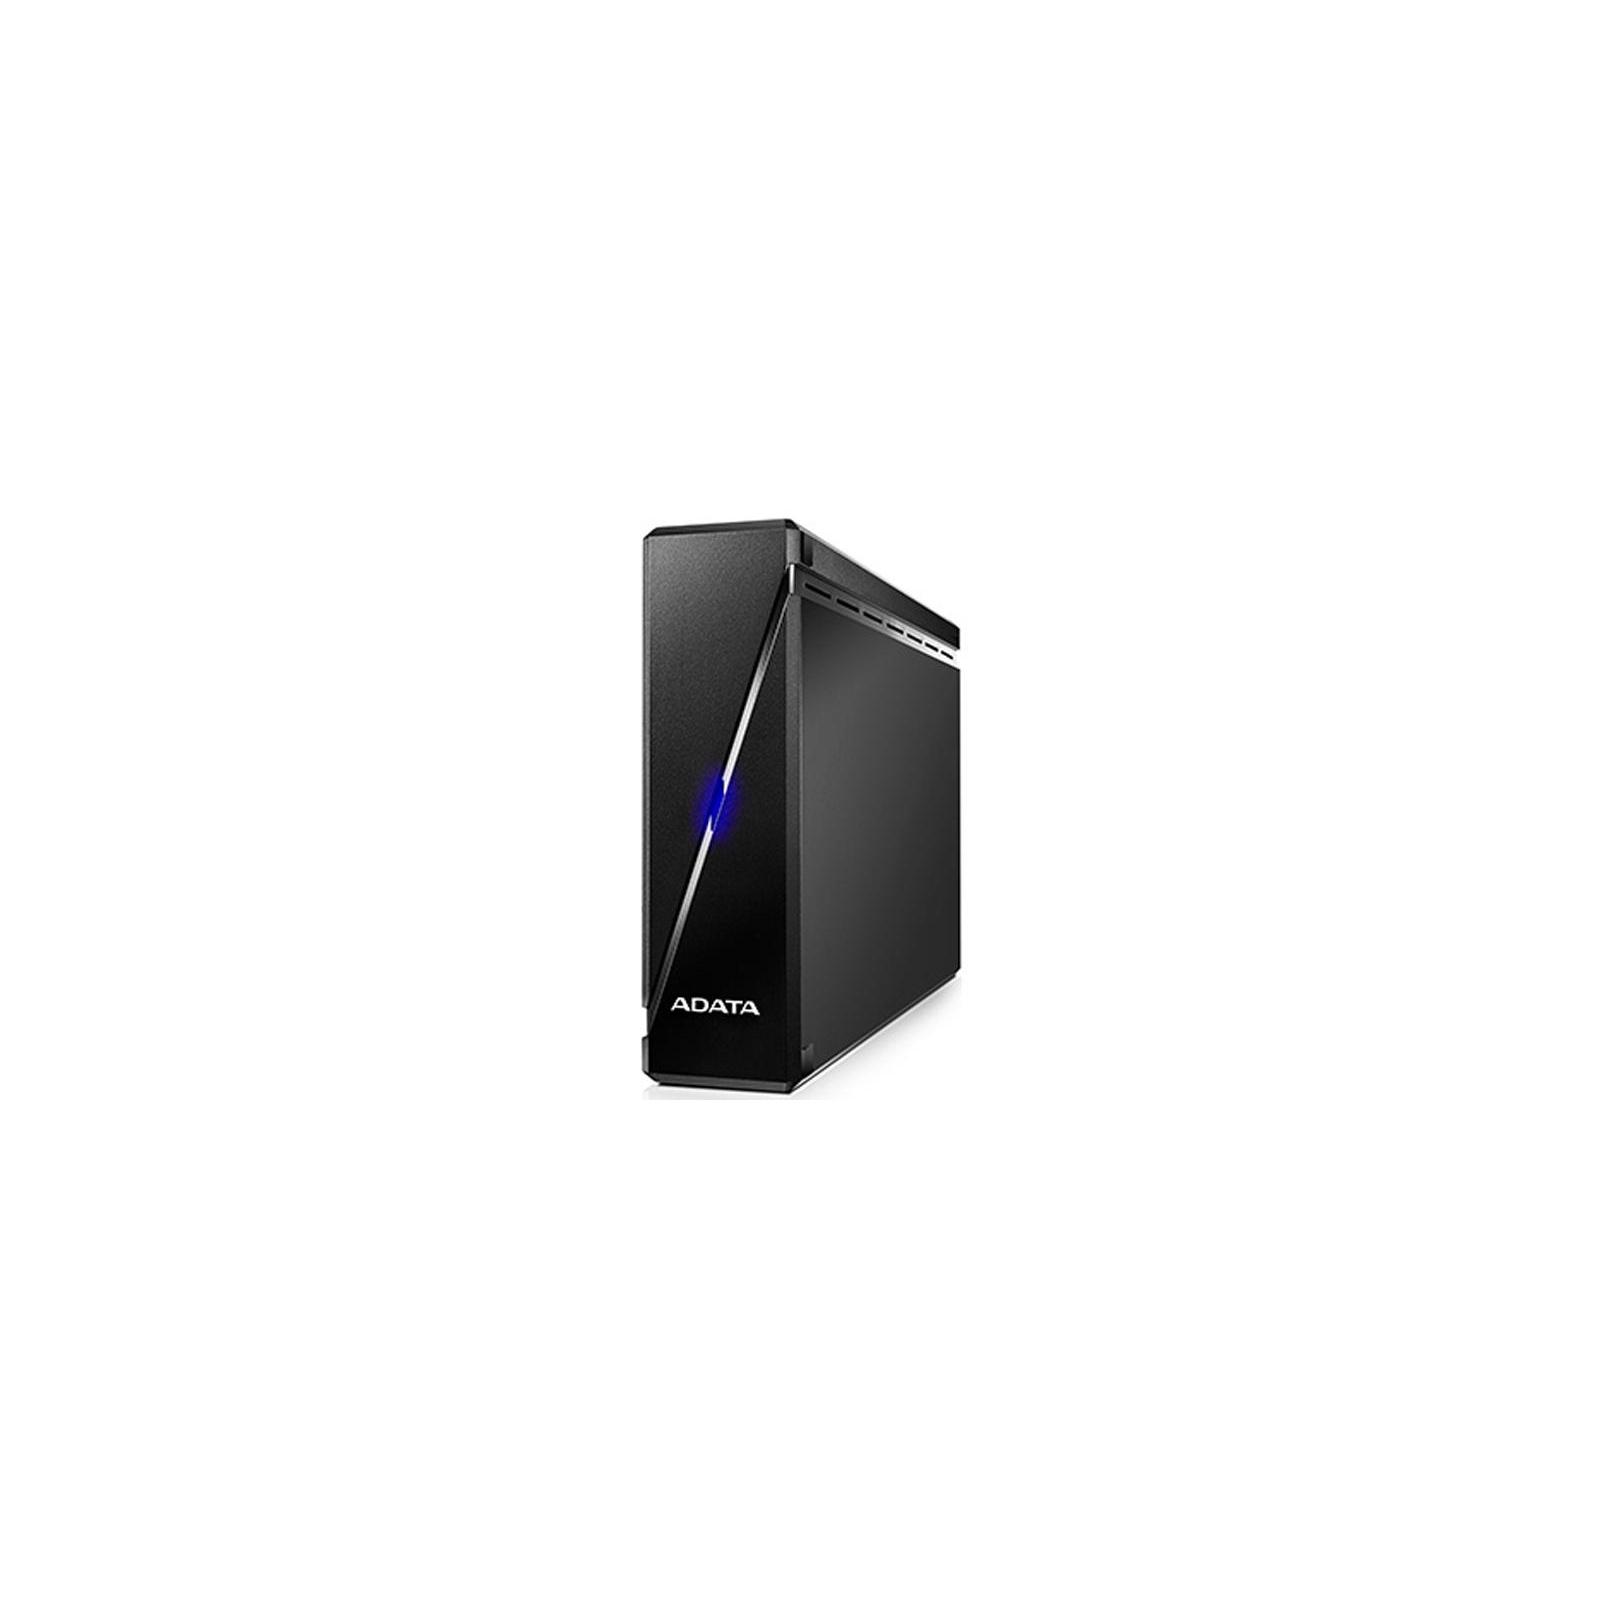 """Внешний жесткий диск 3.5"""" 4TB ADATA (AHM900-4TU3-CUKBK)"""